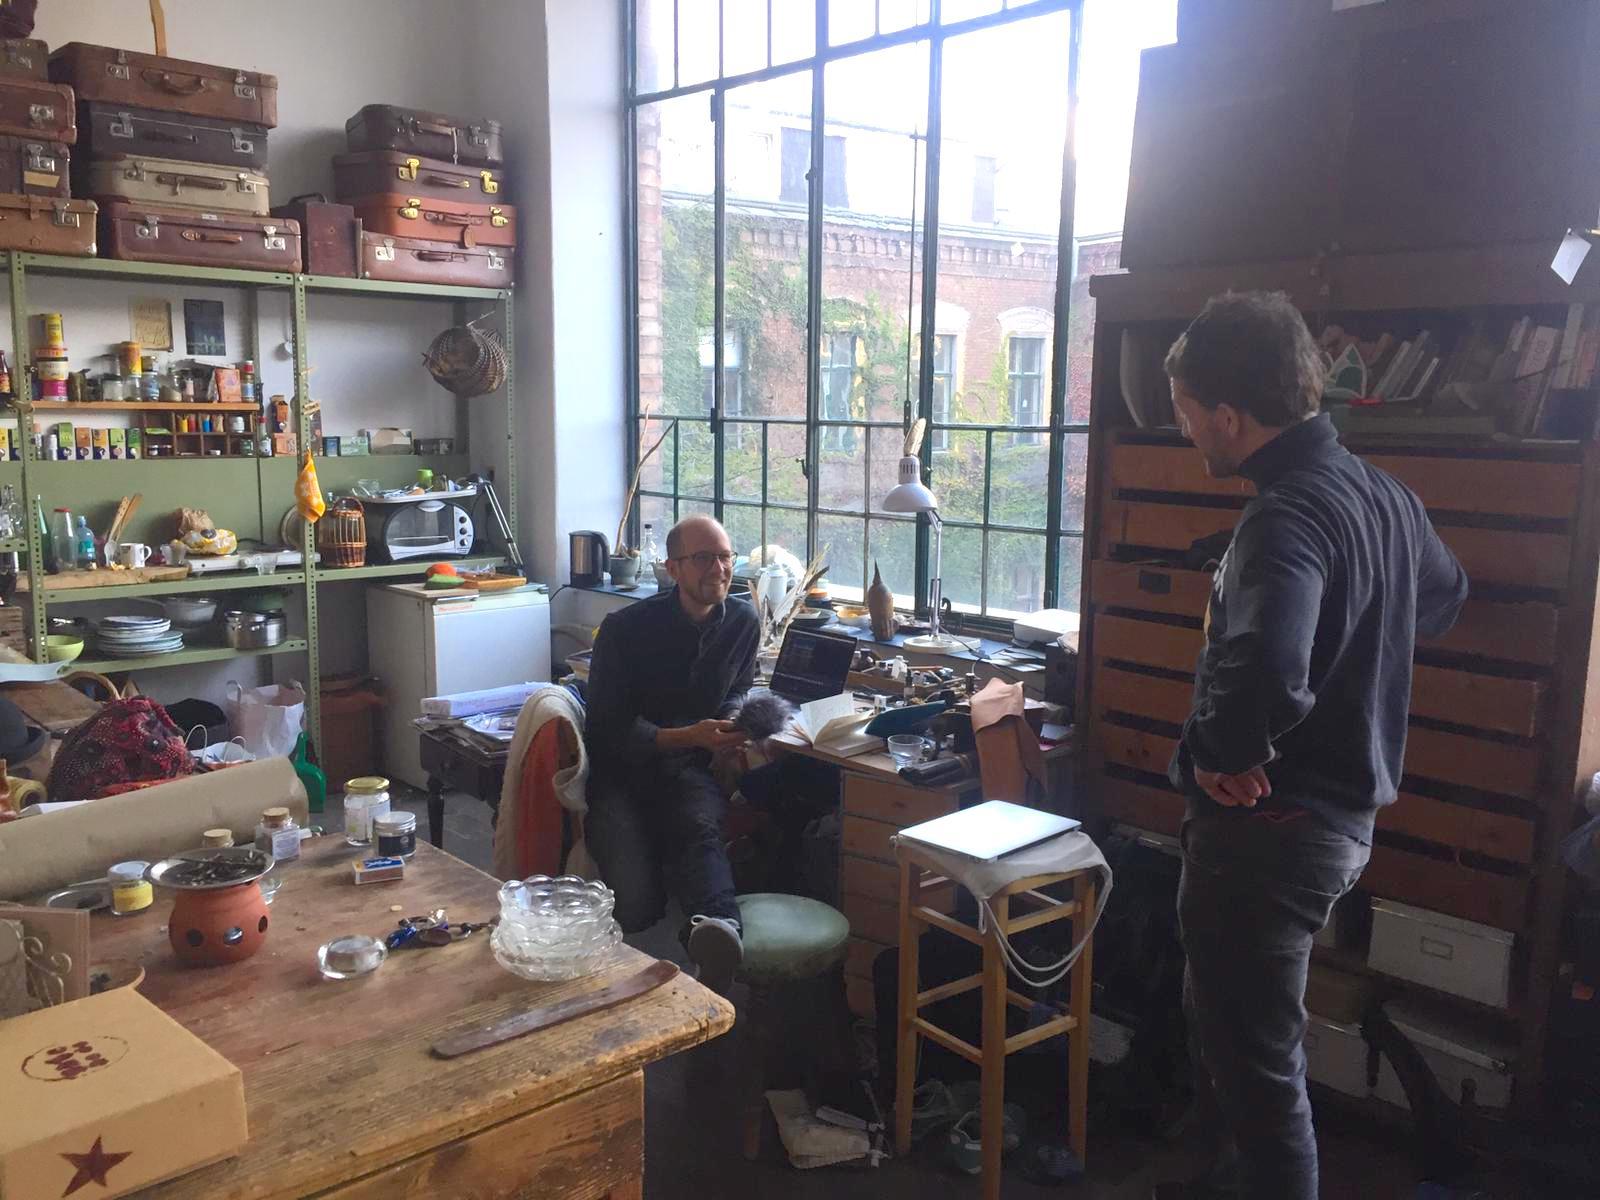 In Bernadette's Atelier